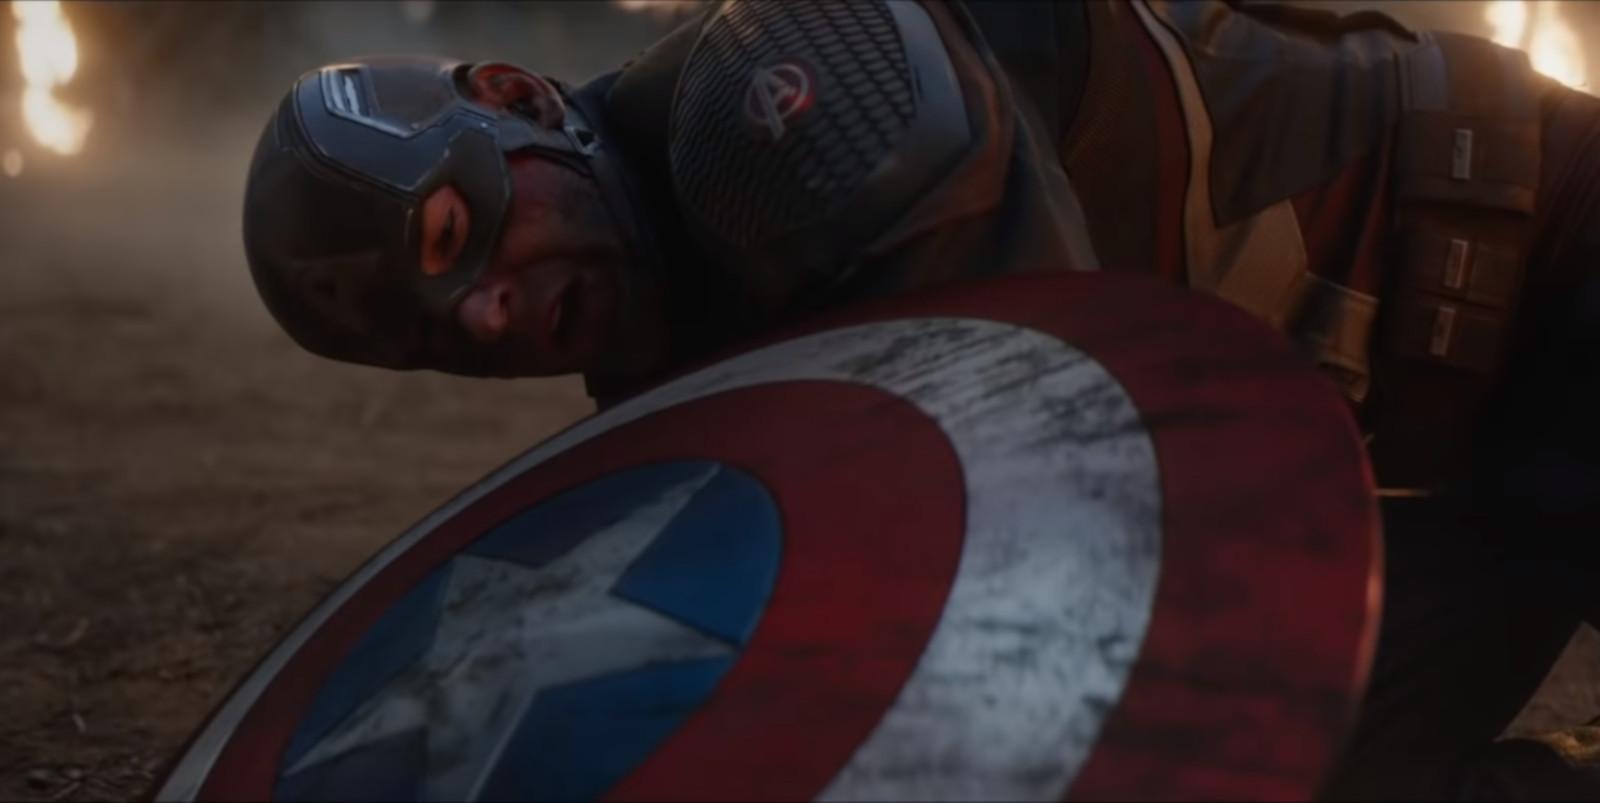 واکنش و نظر منتقدان درباره فیلم Avengers: Endgame